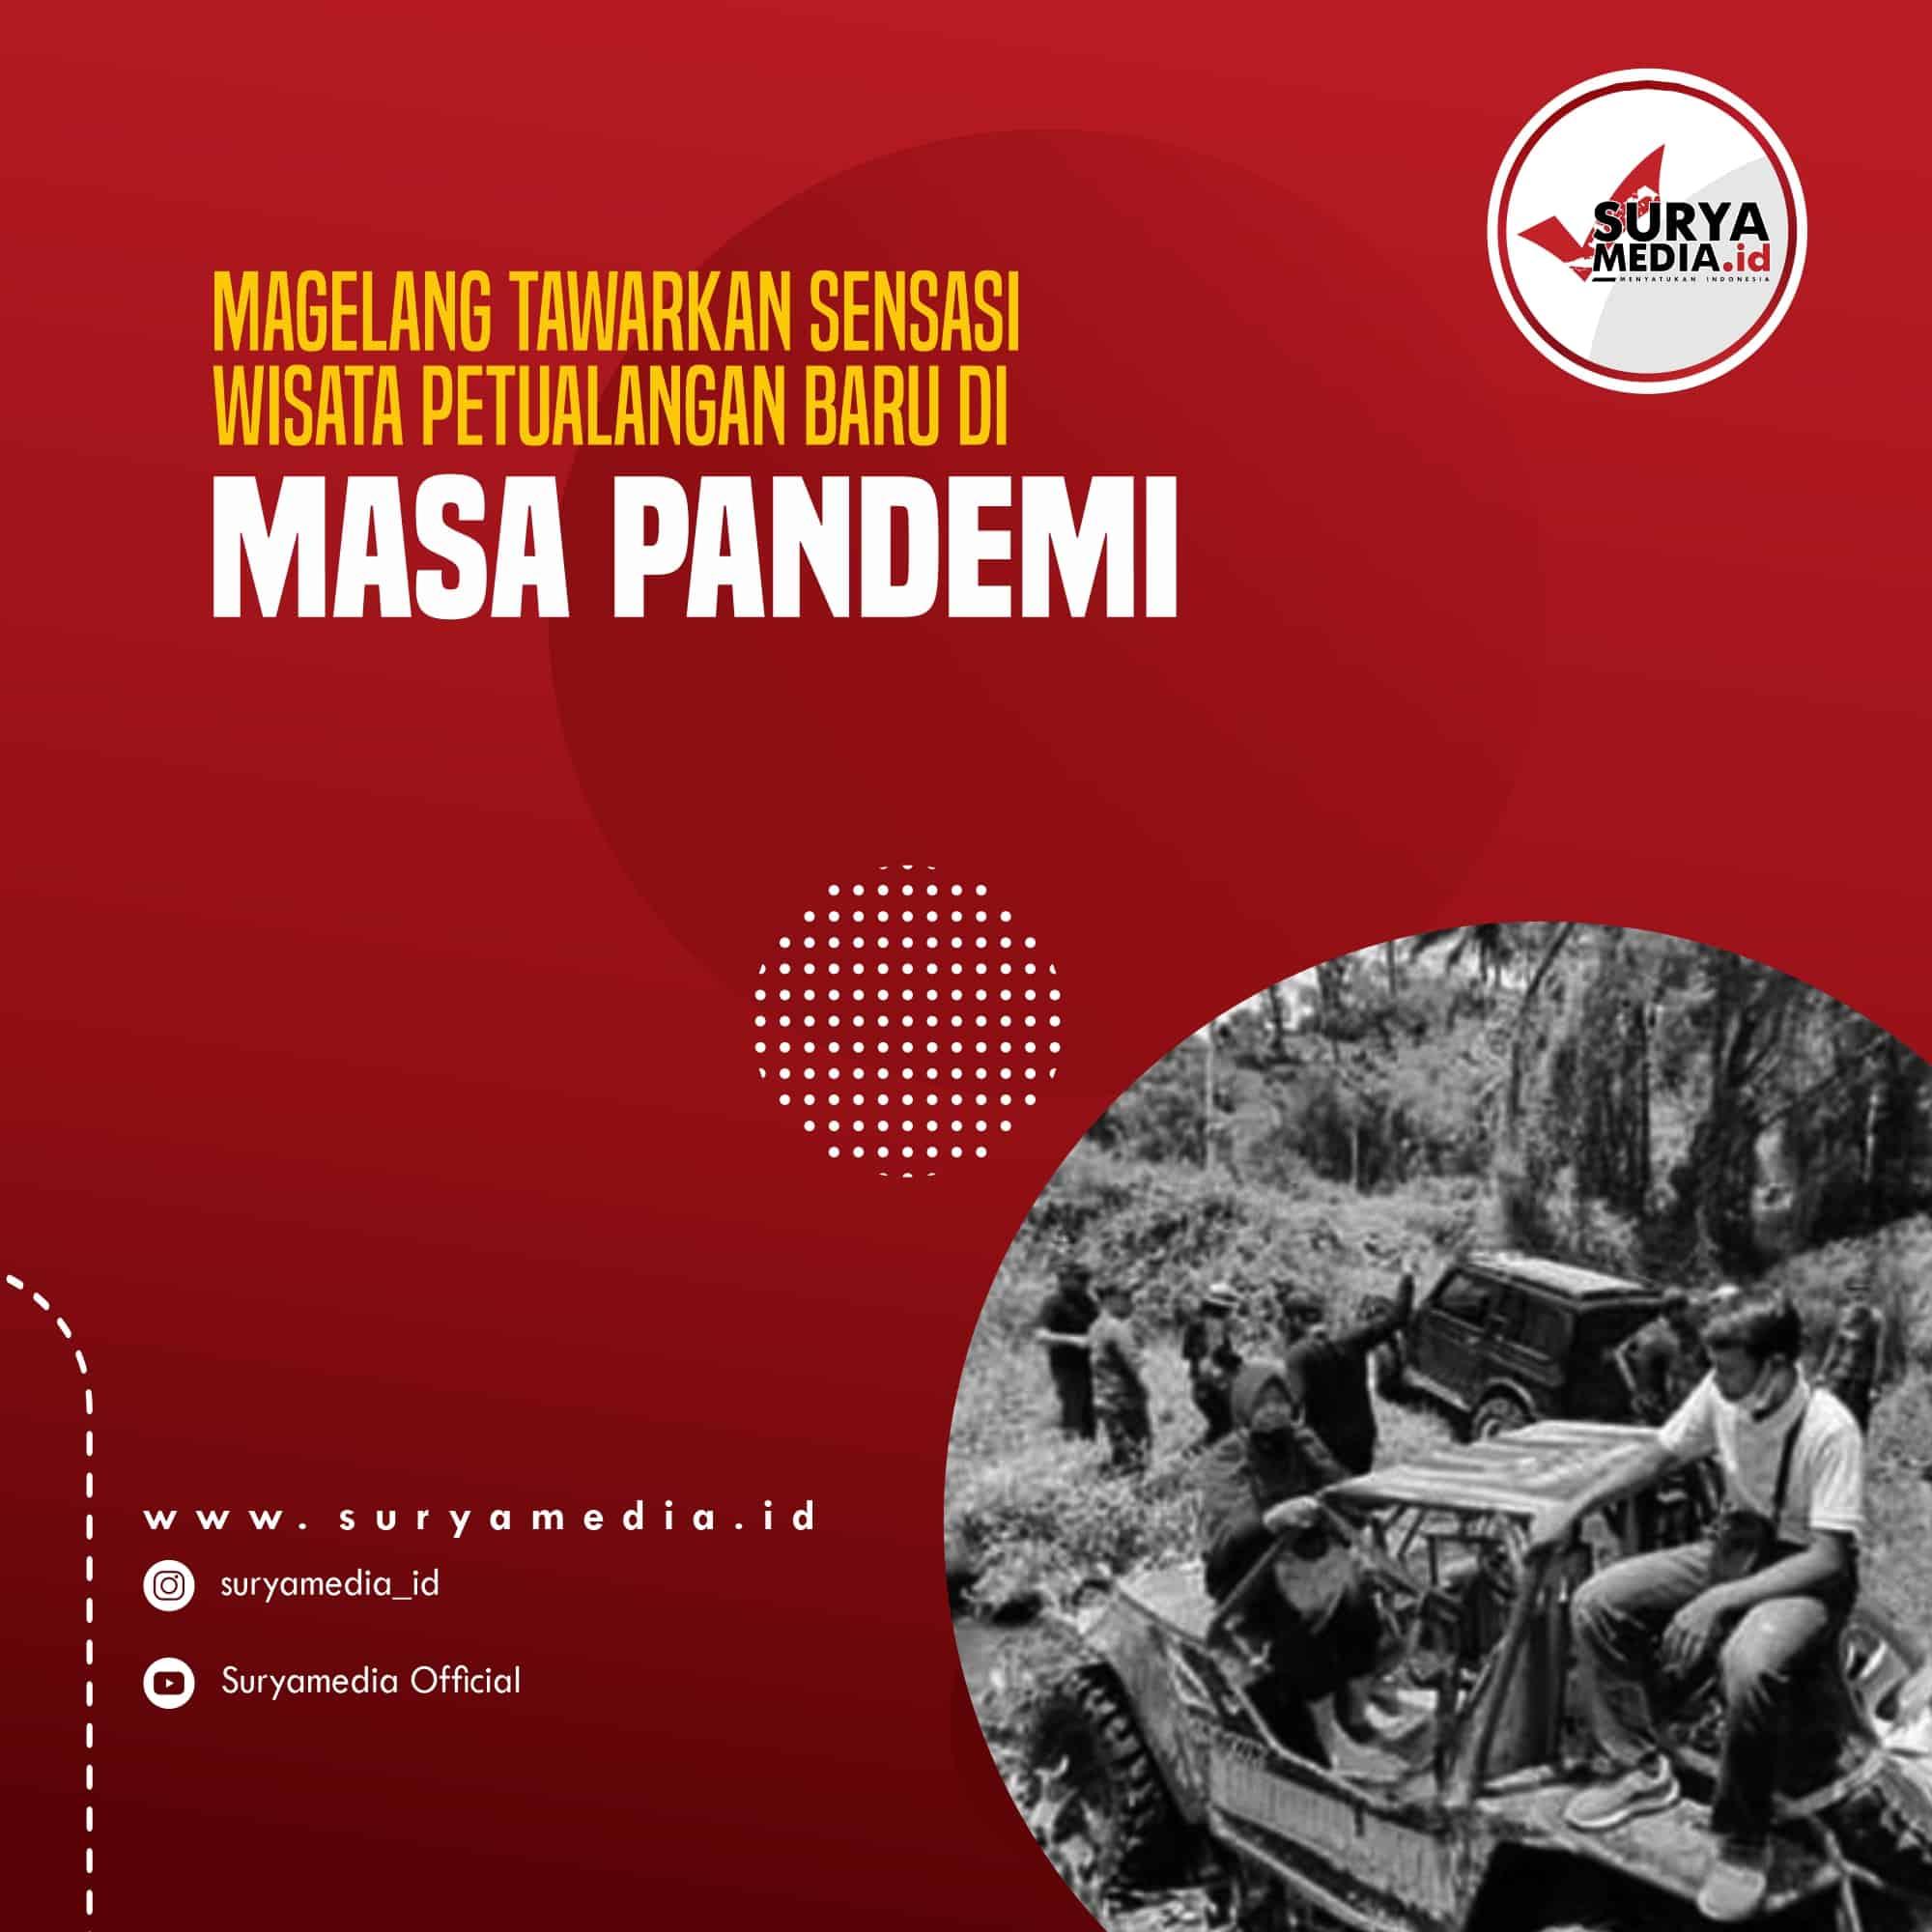 Magelang Tawarkan Sensasi Wisata Petualangan Baru di Masa Pandemi